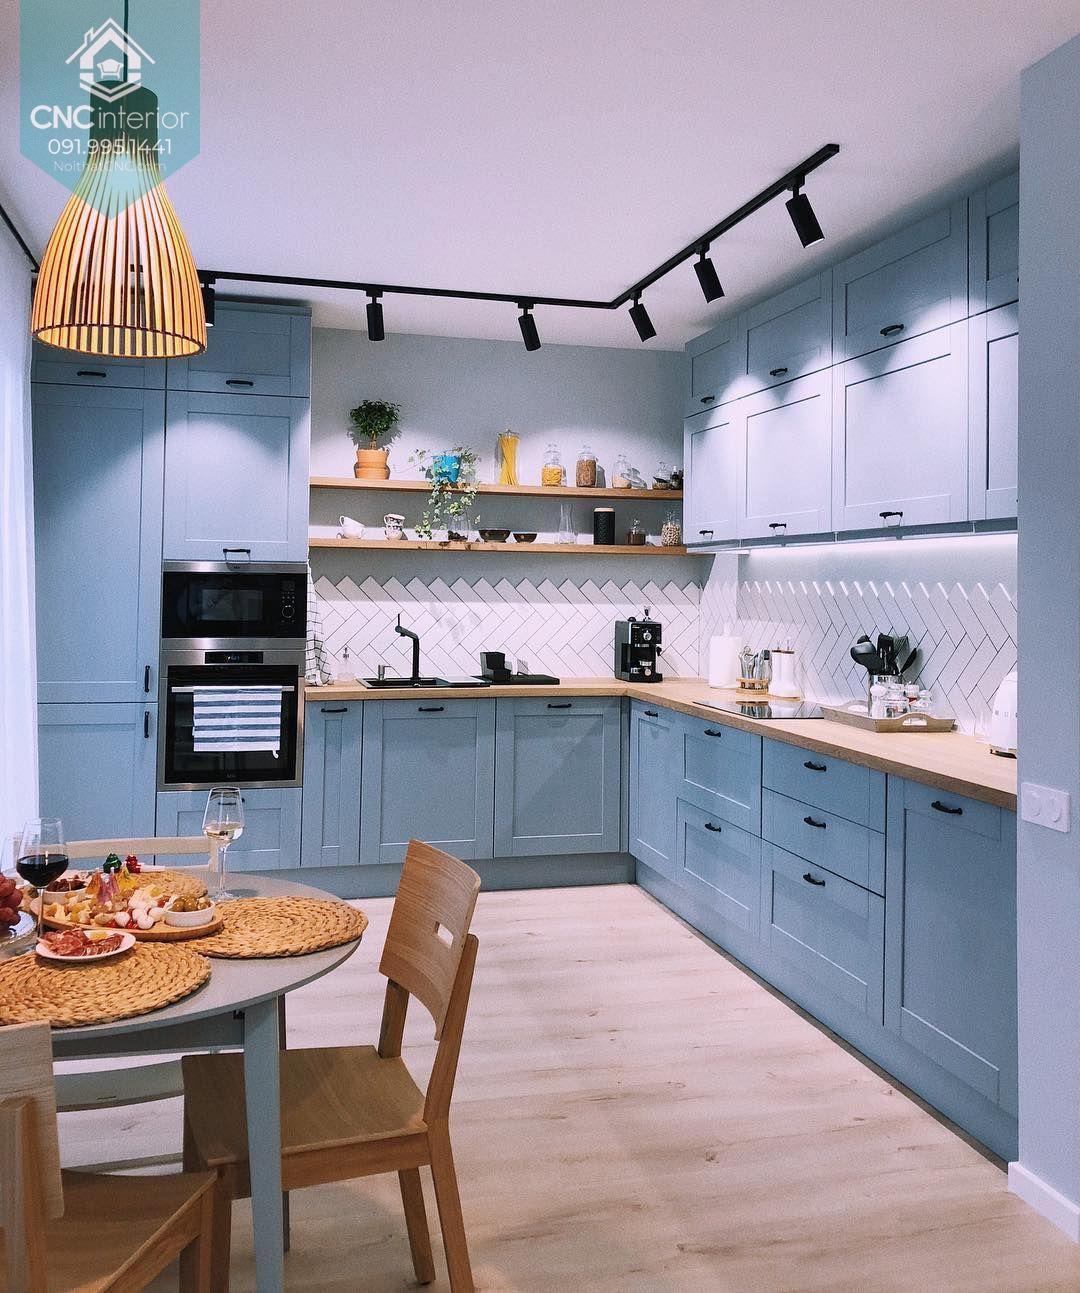 Căn bếp tiện nghi sang trọng với tủ bếp chữ L lớn